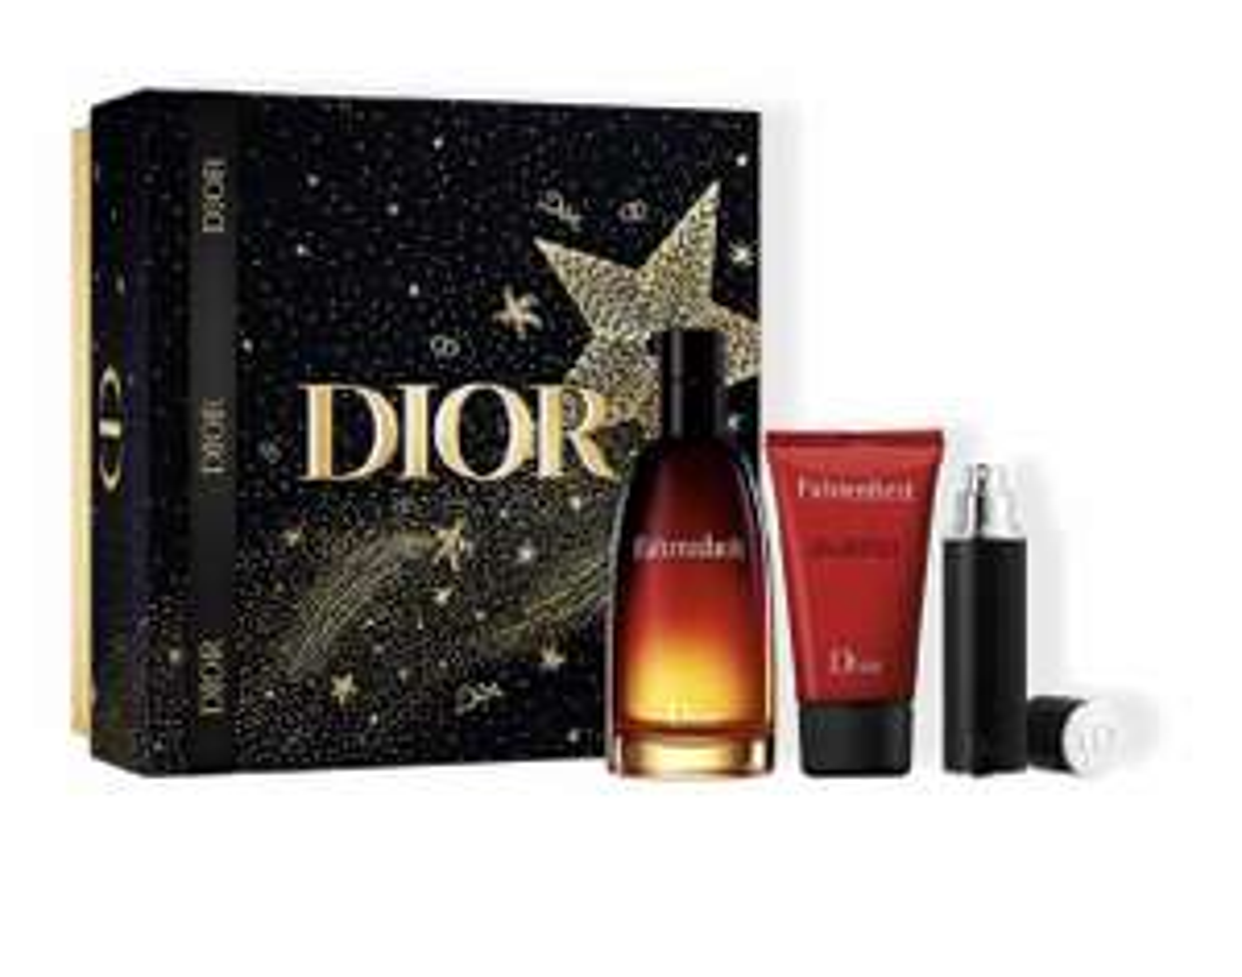 Dior Fahrenheit Eau de Toilette 100ml Gift Set - £55.66 Delivered @ Boots